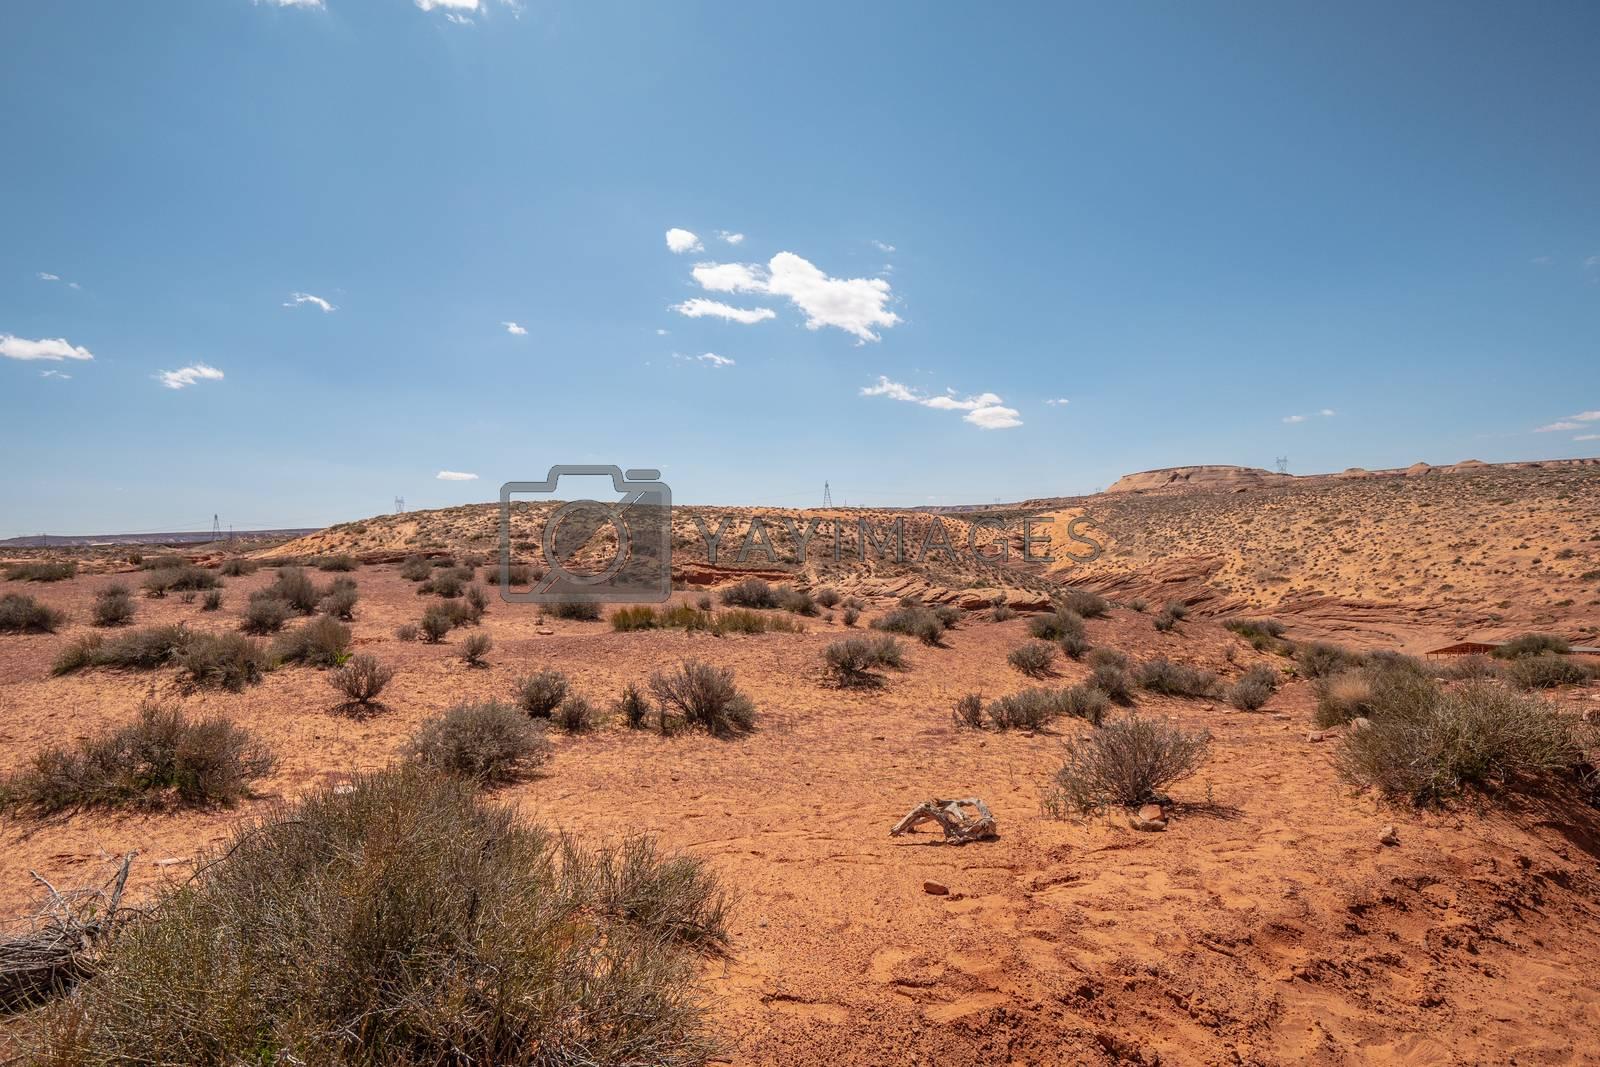 The desert of Utah - travel photography